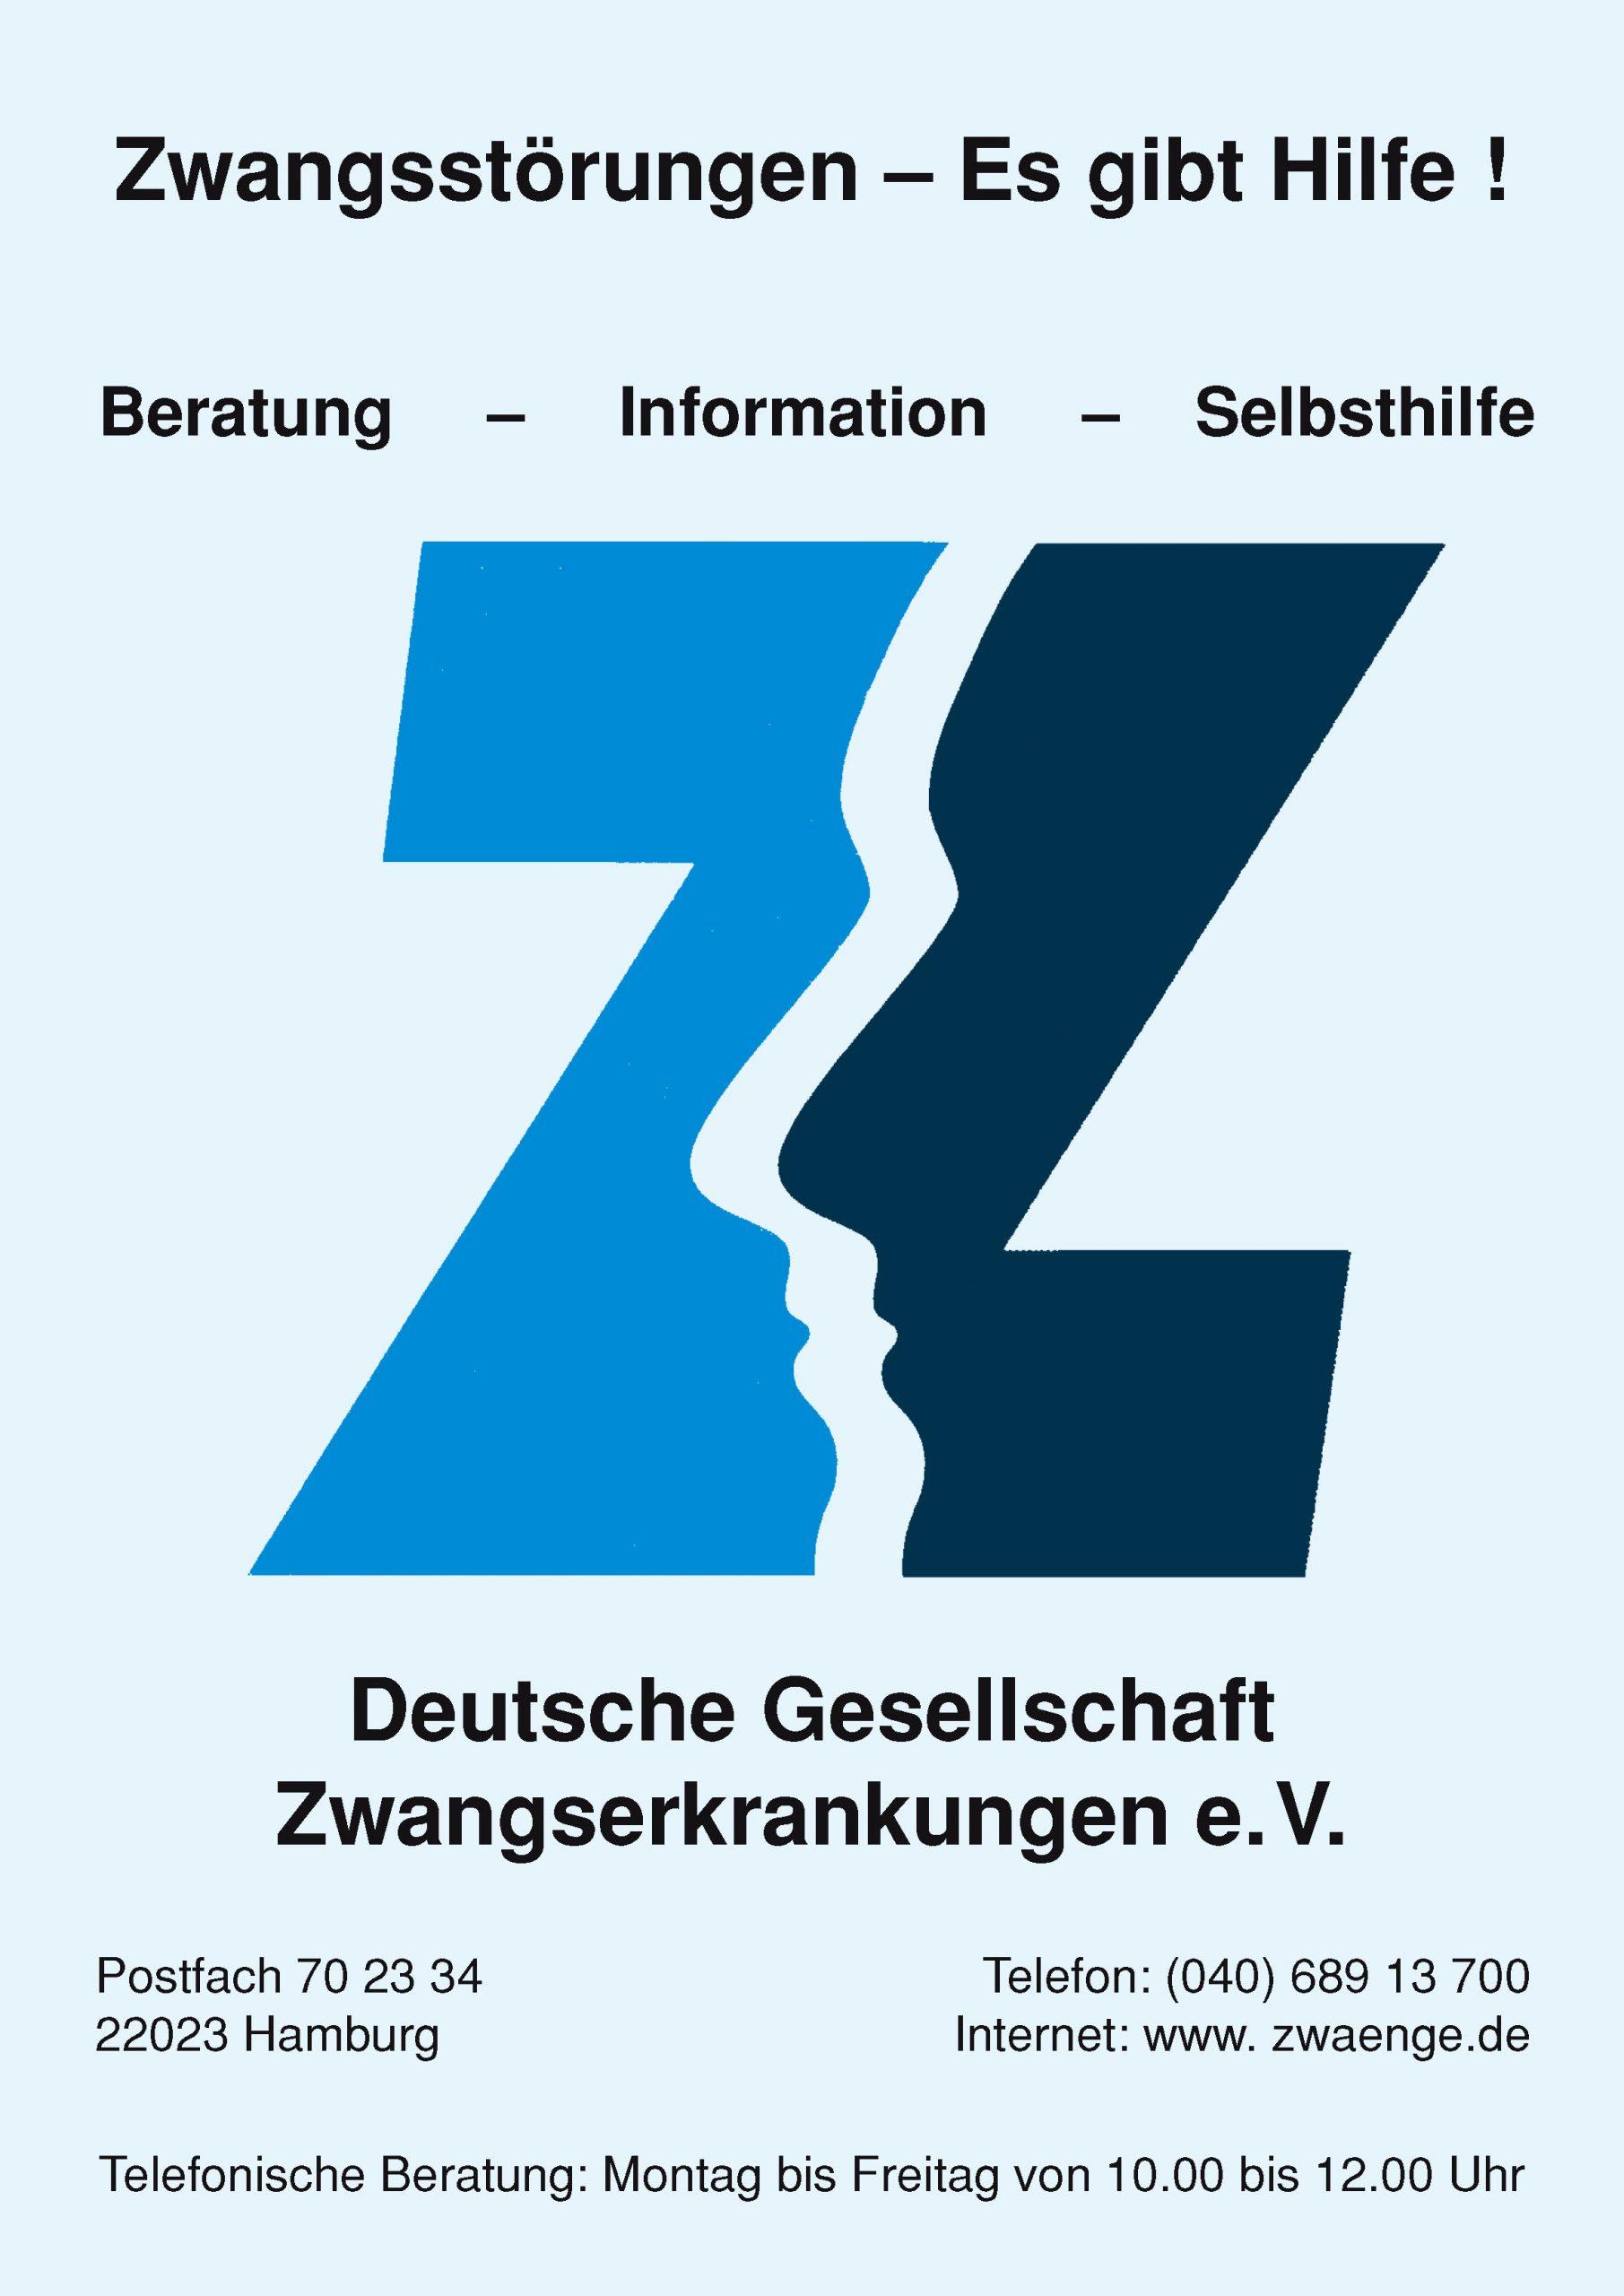 Deutsche Gesellschaft Zwangserkrankungen e.V.